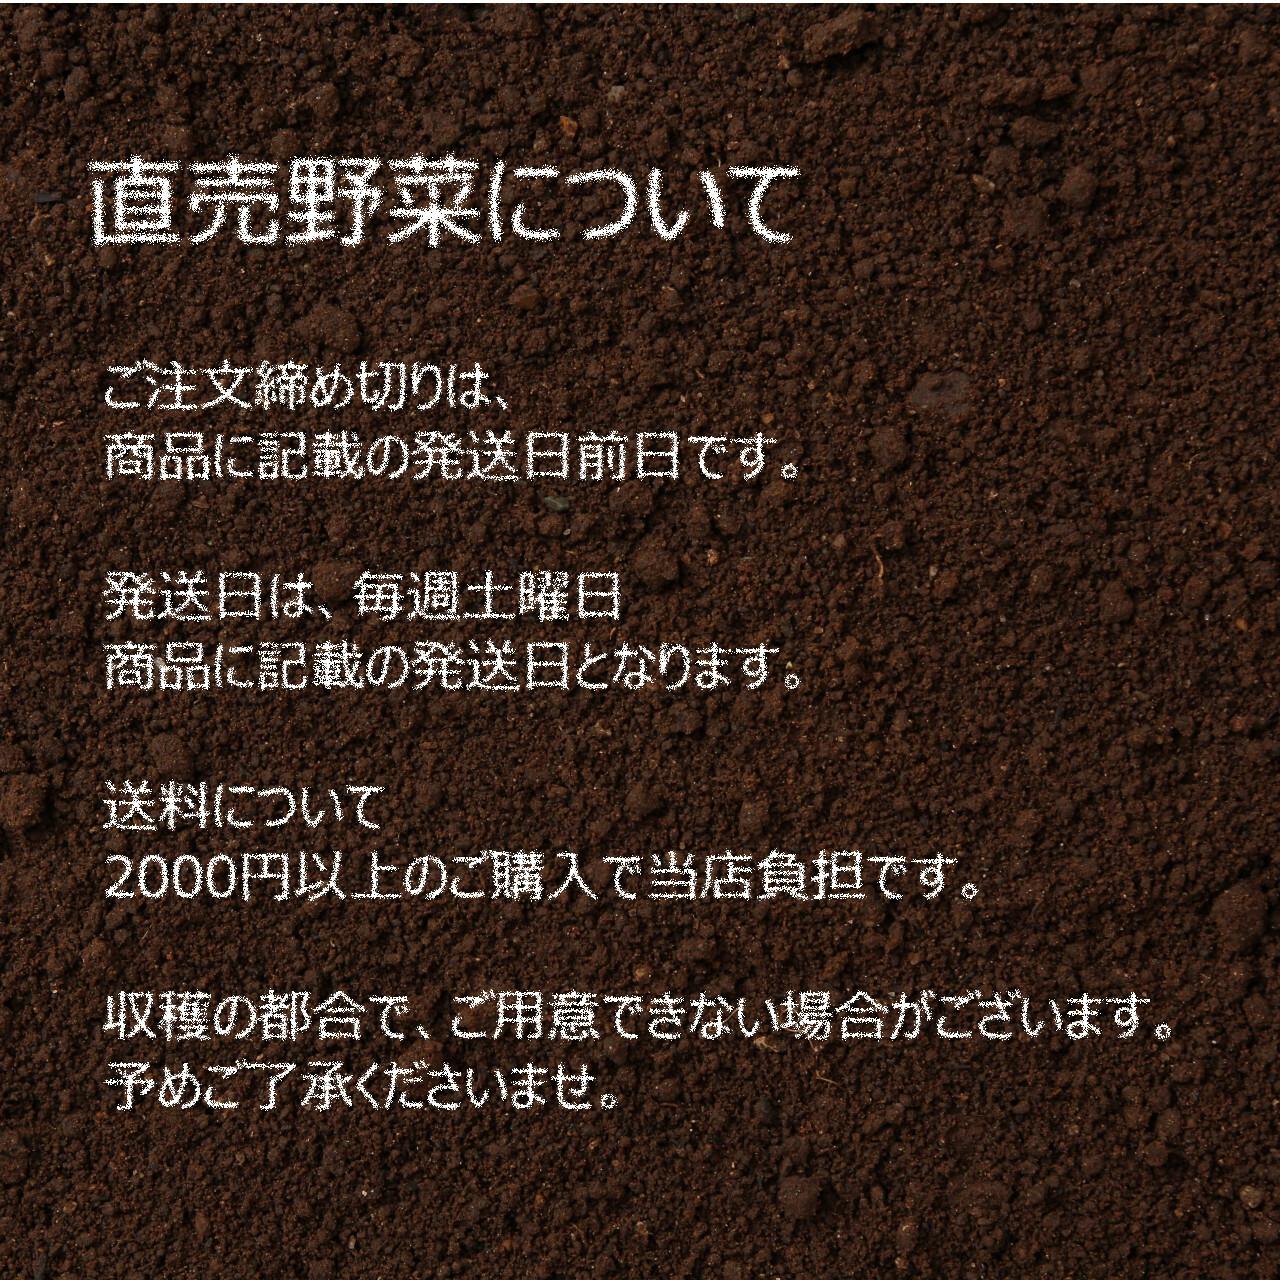 朝採り直売野菜 葉わさび 約80g前後 新鮮な春野菜 4月18日発送予定